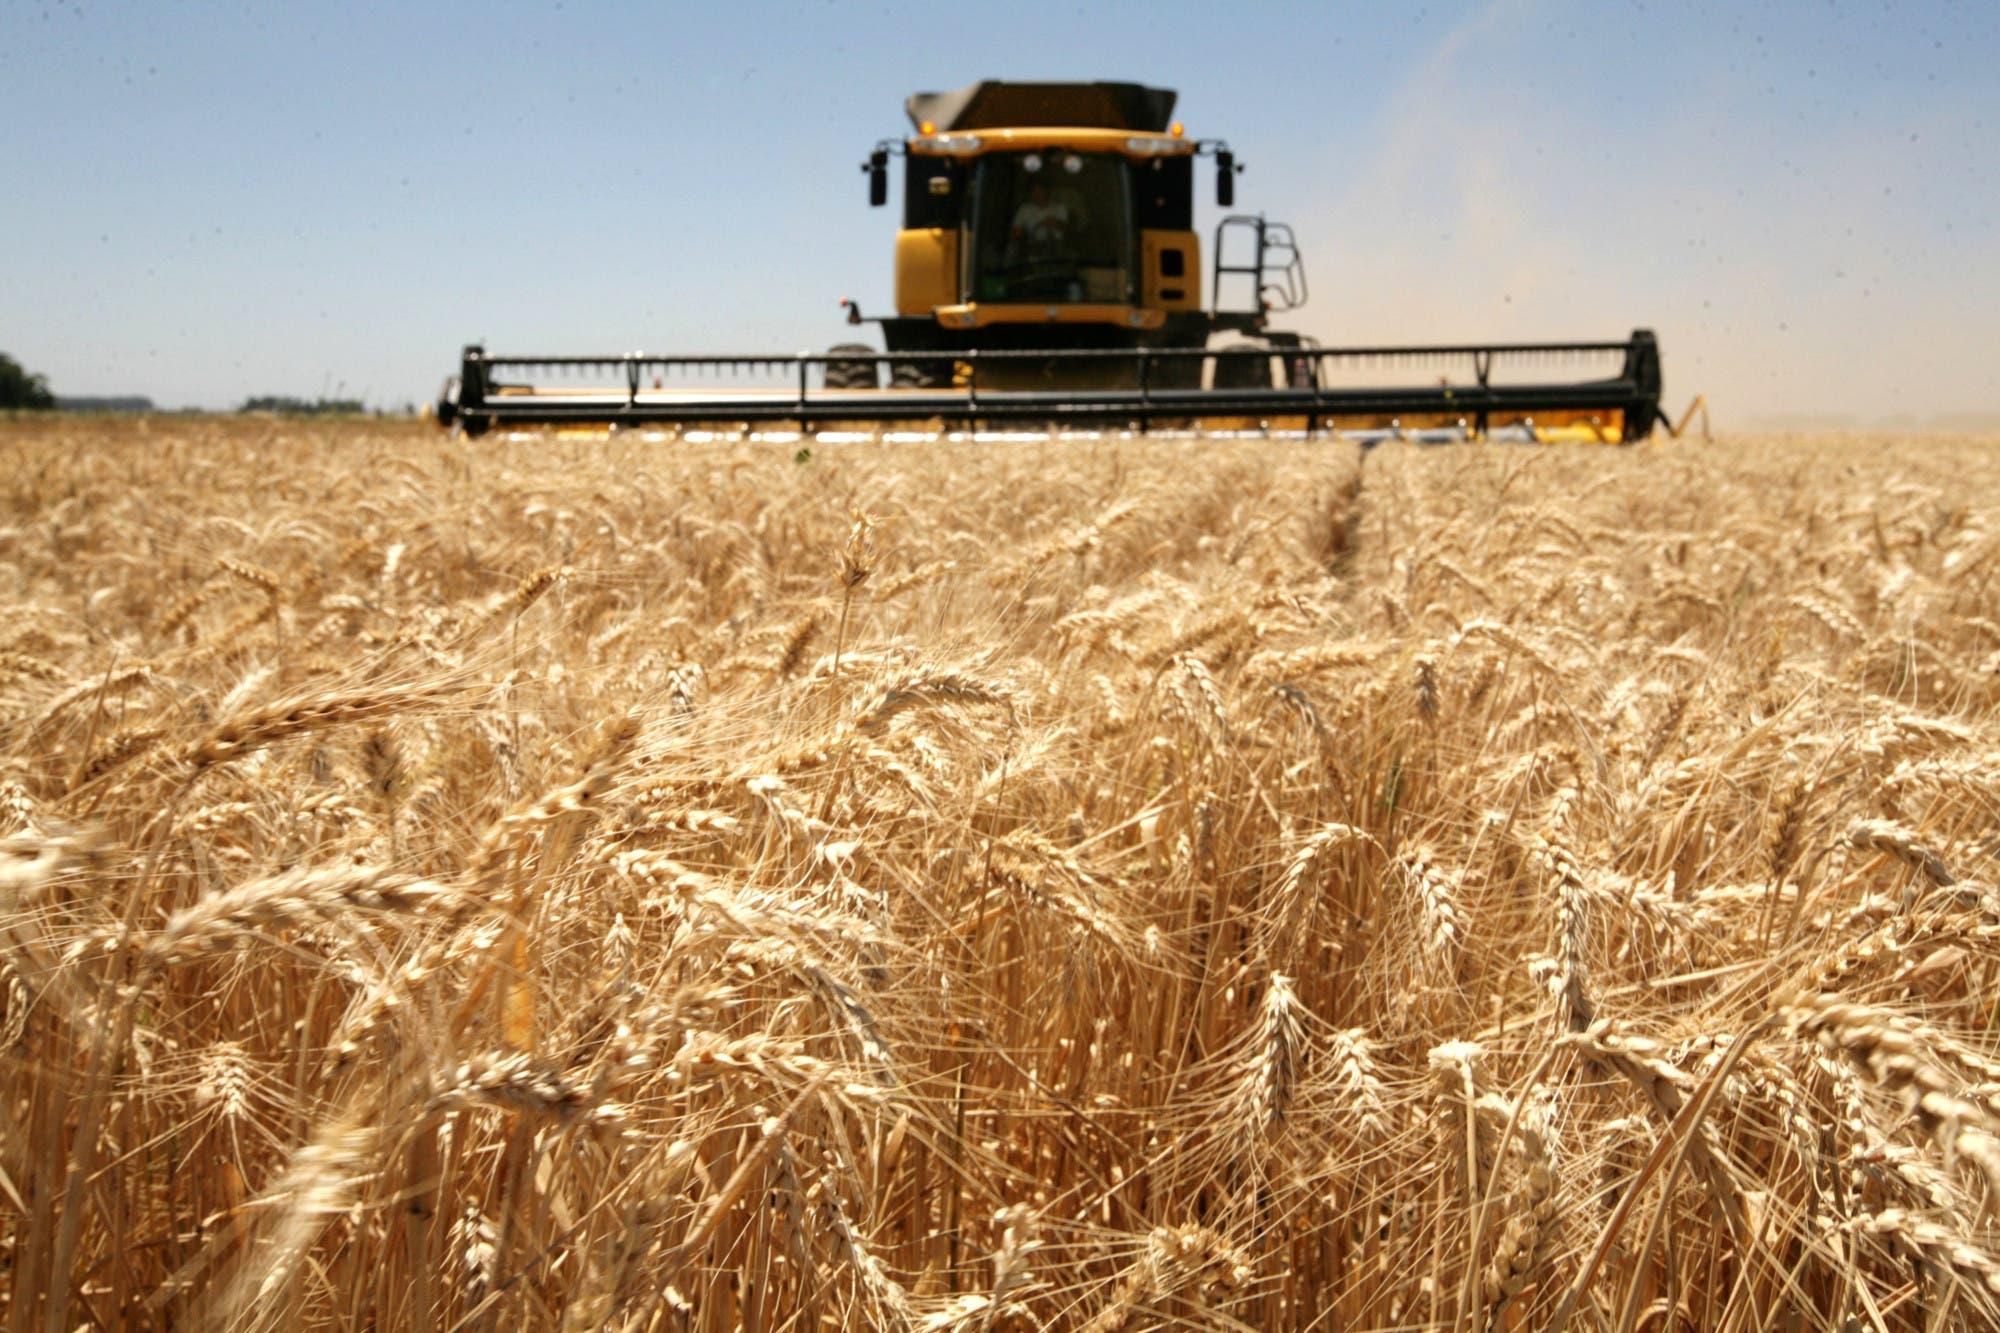 Mercado expectante a la evolución de la cuota de trigo extra Mercosur de Brasil